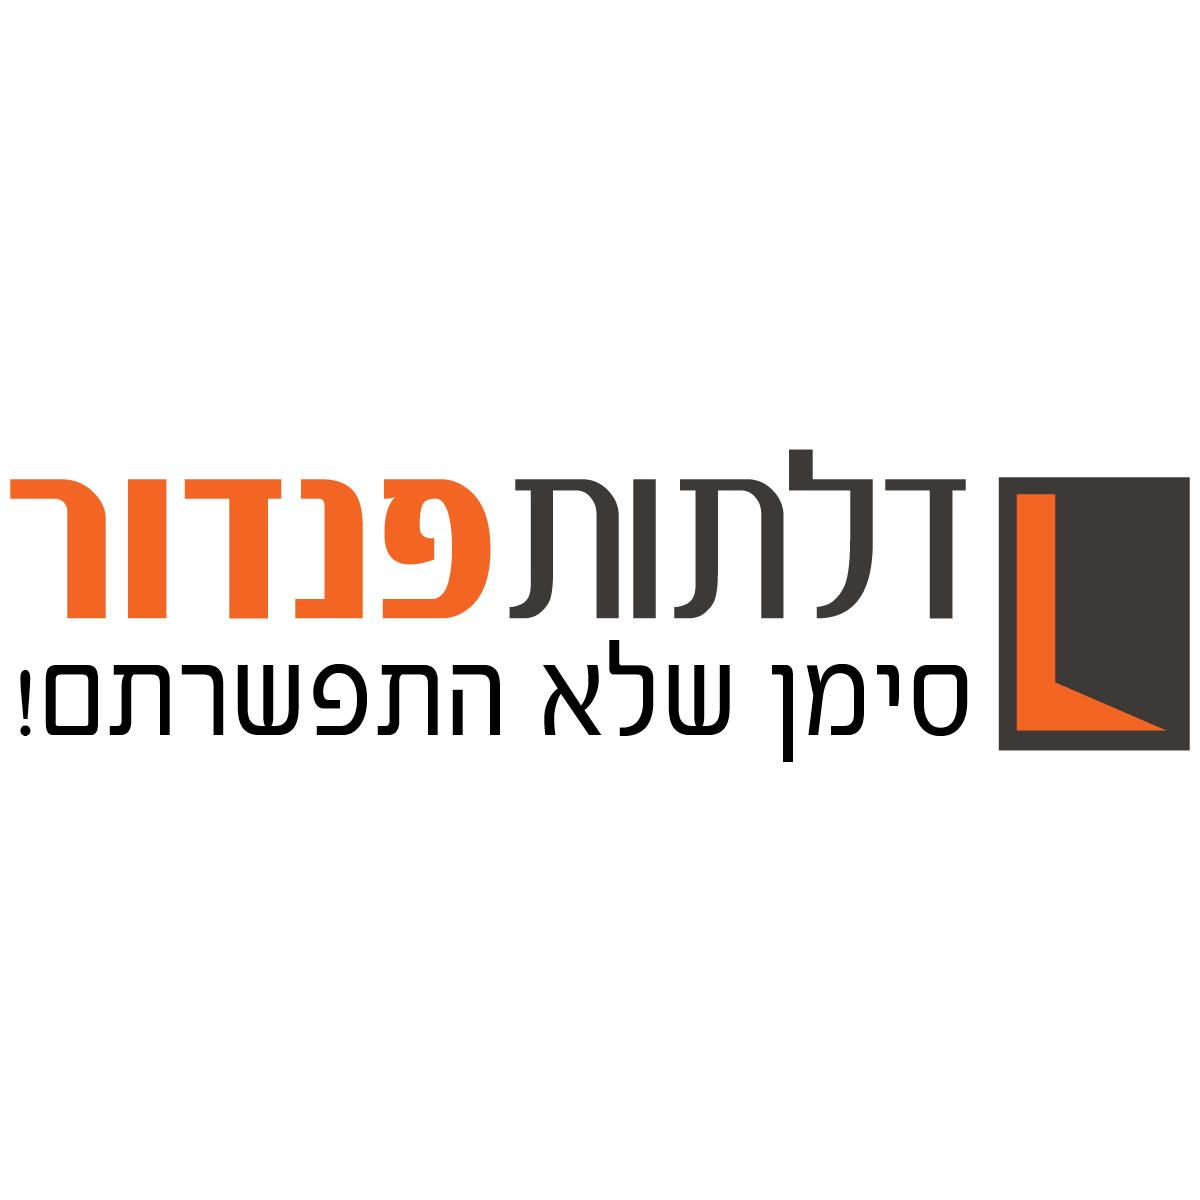 מגניב ביותר דלתות פנים | דלתות פנדור | חברת הדלתות הגדולה בישראל FY-35